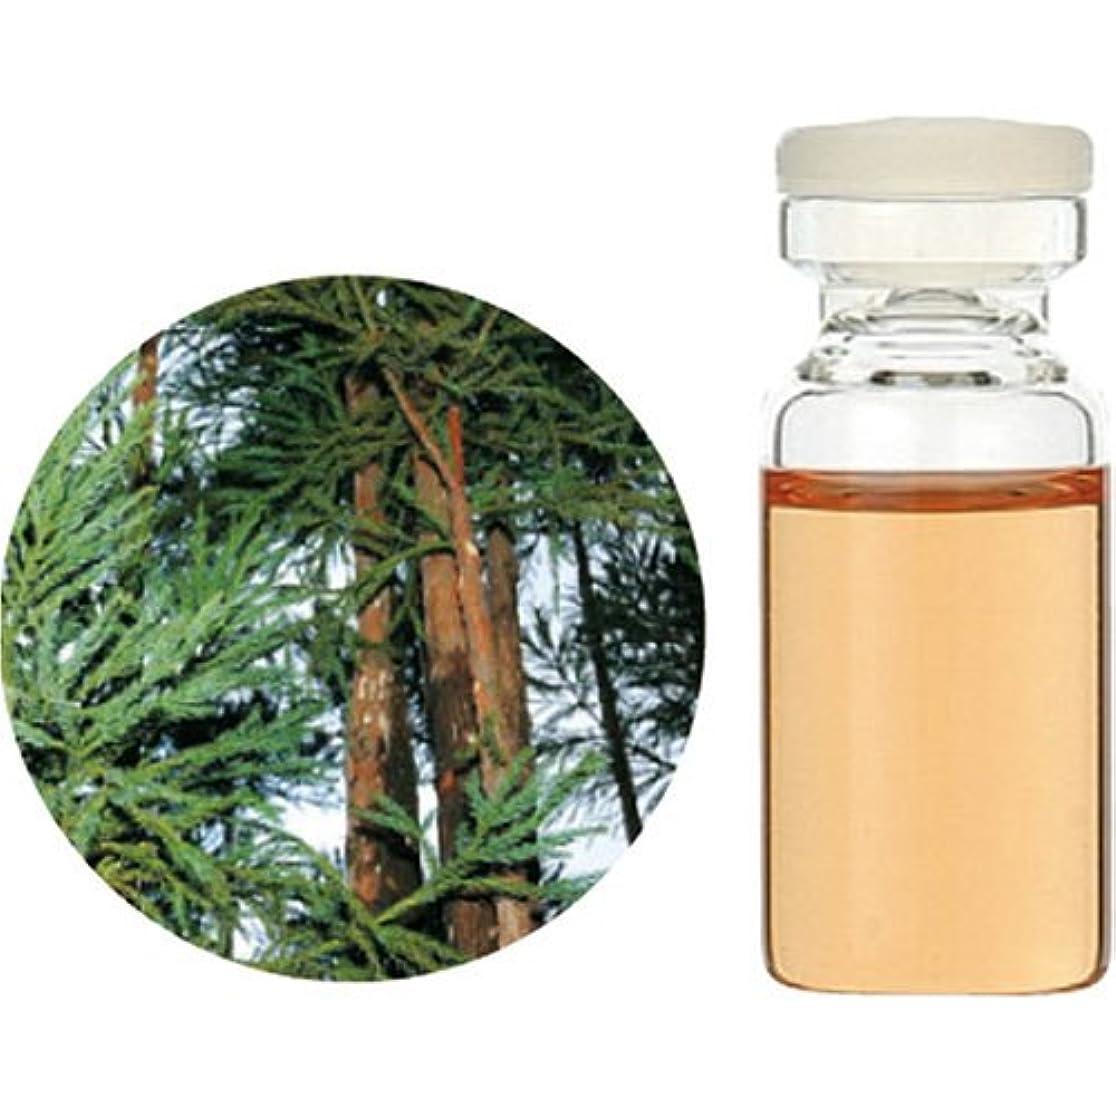 必要条件家注入する生活の木 C 和精油 杉 (木部) エッセンシャルオイル 10ml